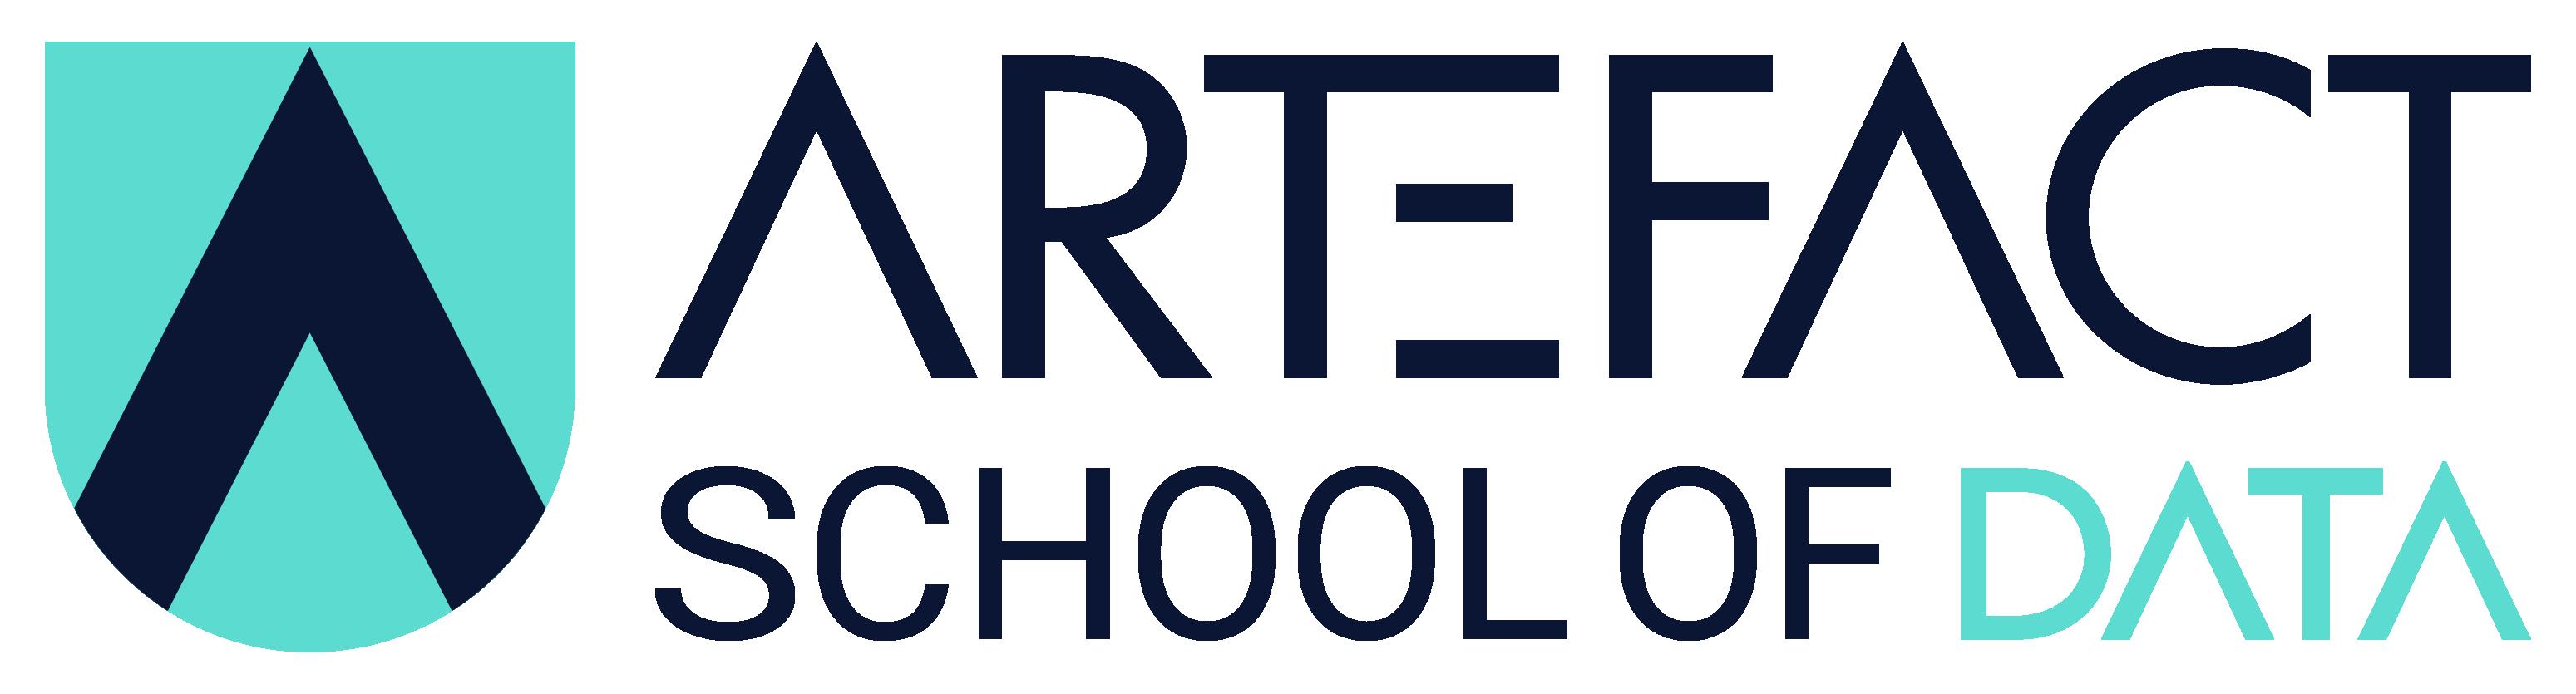 Artefact School of Data